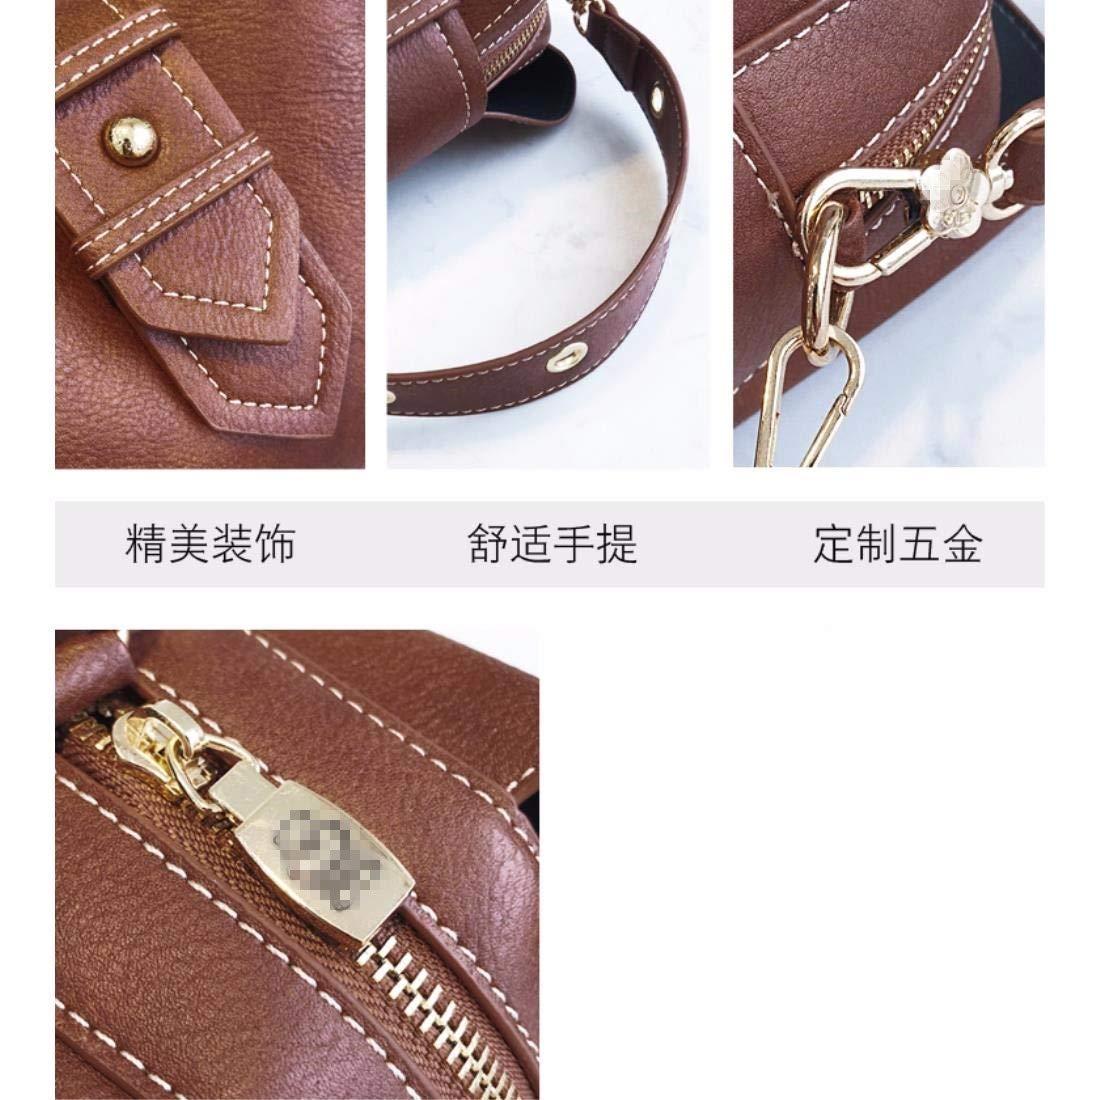 ERLINGSAN-XKB Weibliche Tasche Tide Tide Tide Crossbody-Tasche Modekette Paket Schultertasche B07H2BGRC7 Umhngetaschen Verrückter Preis, Birmingham 6f85ef